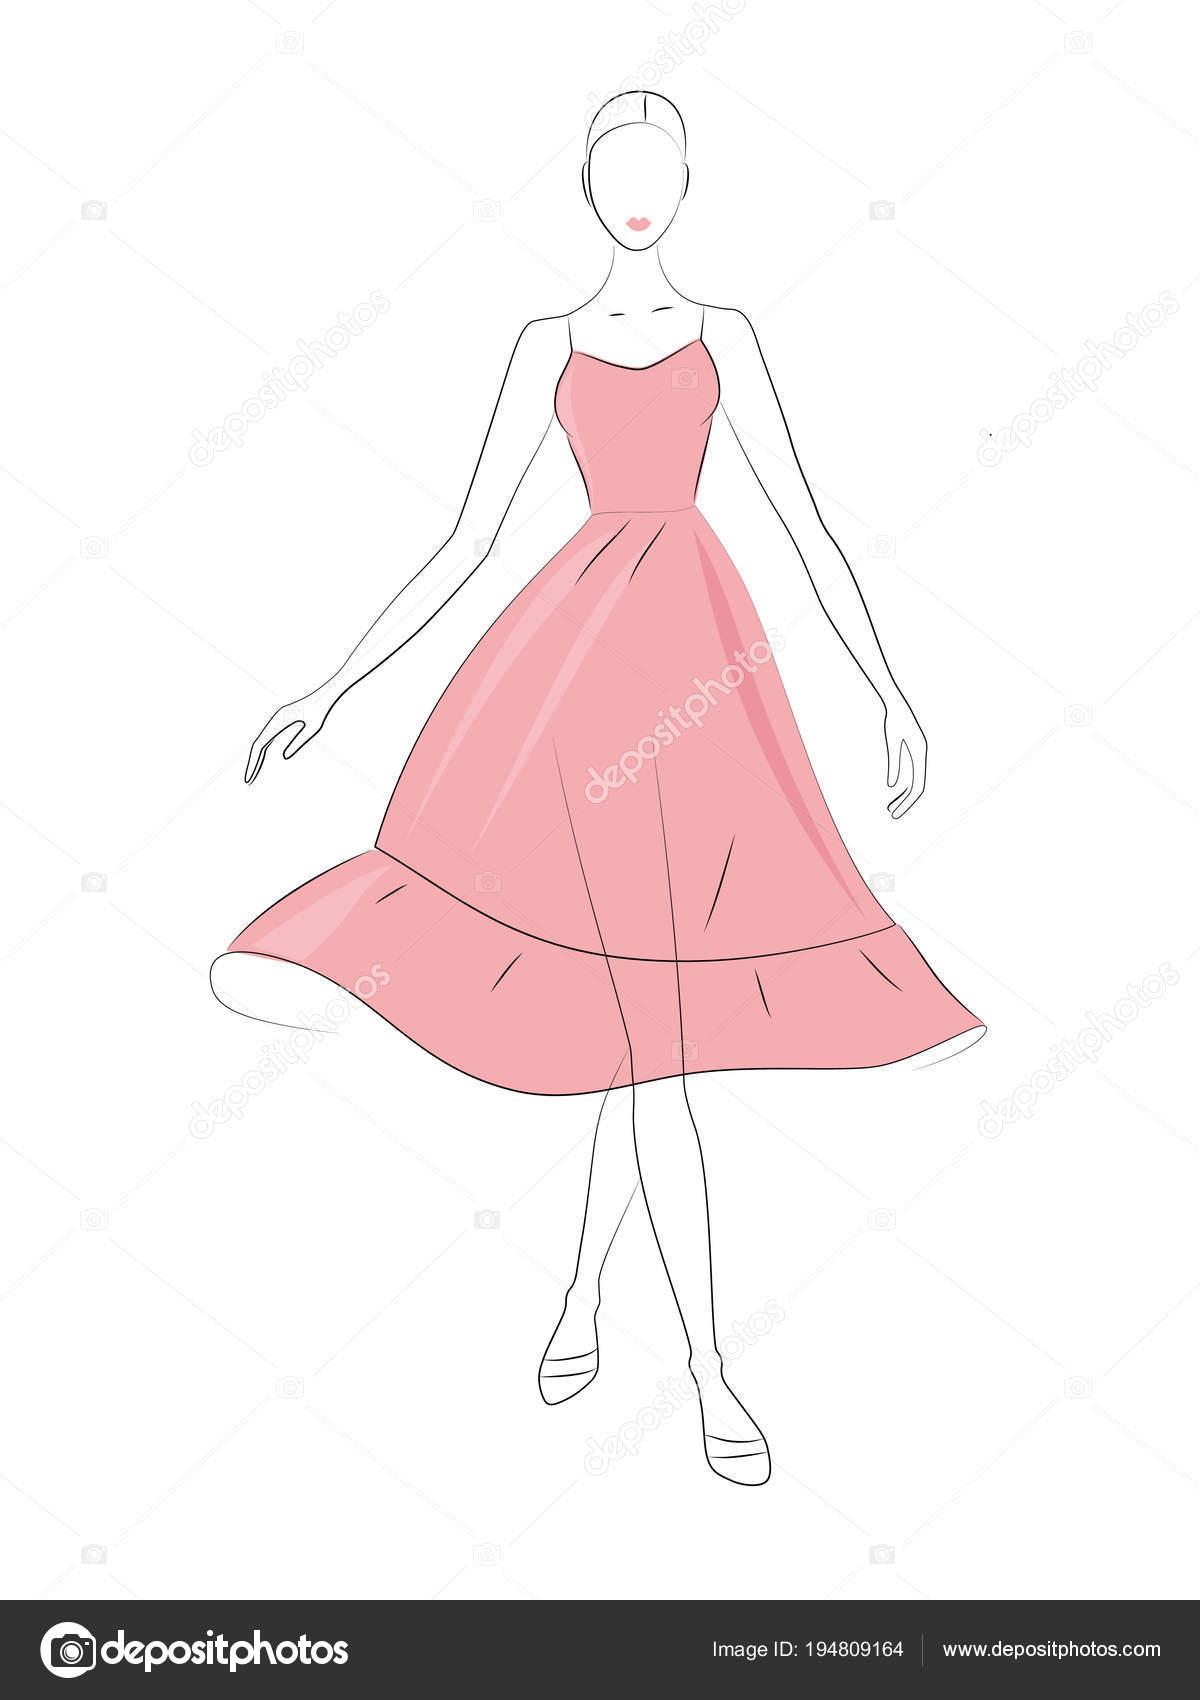 Vector Silueta Baile Dama Vestido Verano Rosa Luz — Archivo Imágenes ...